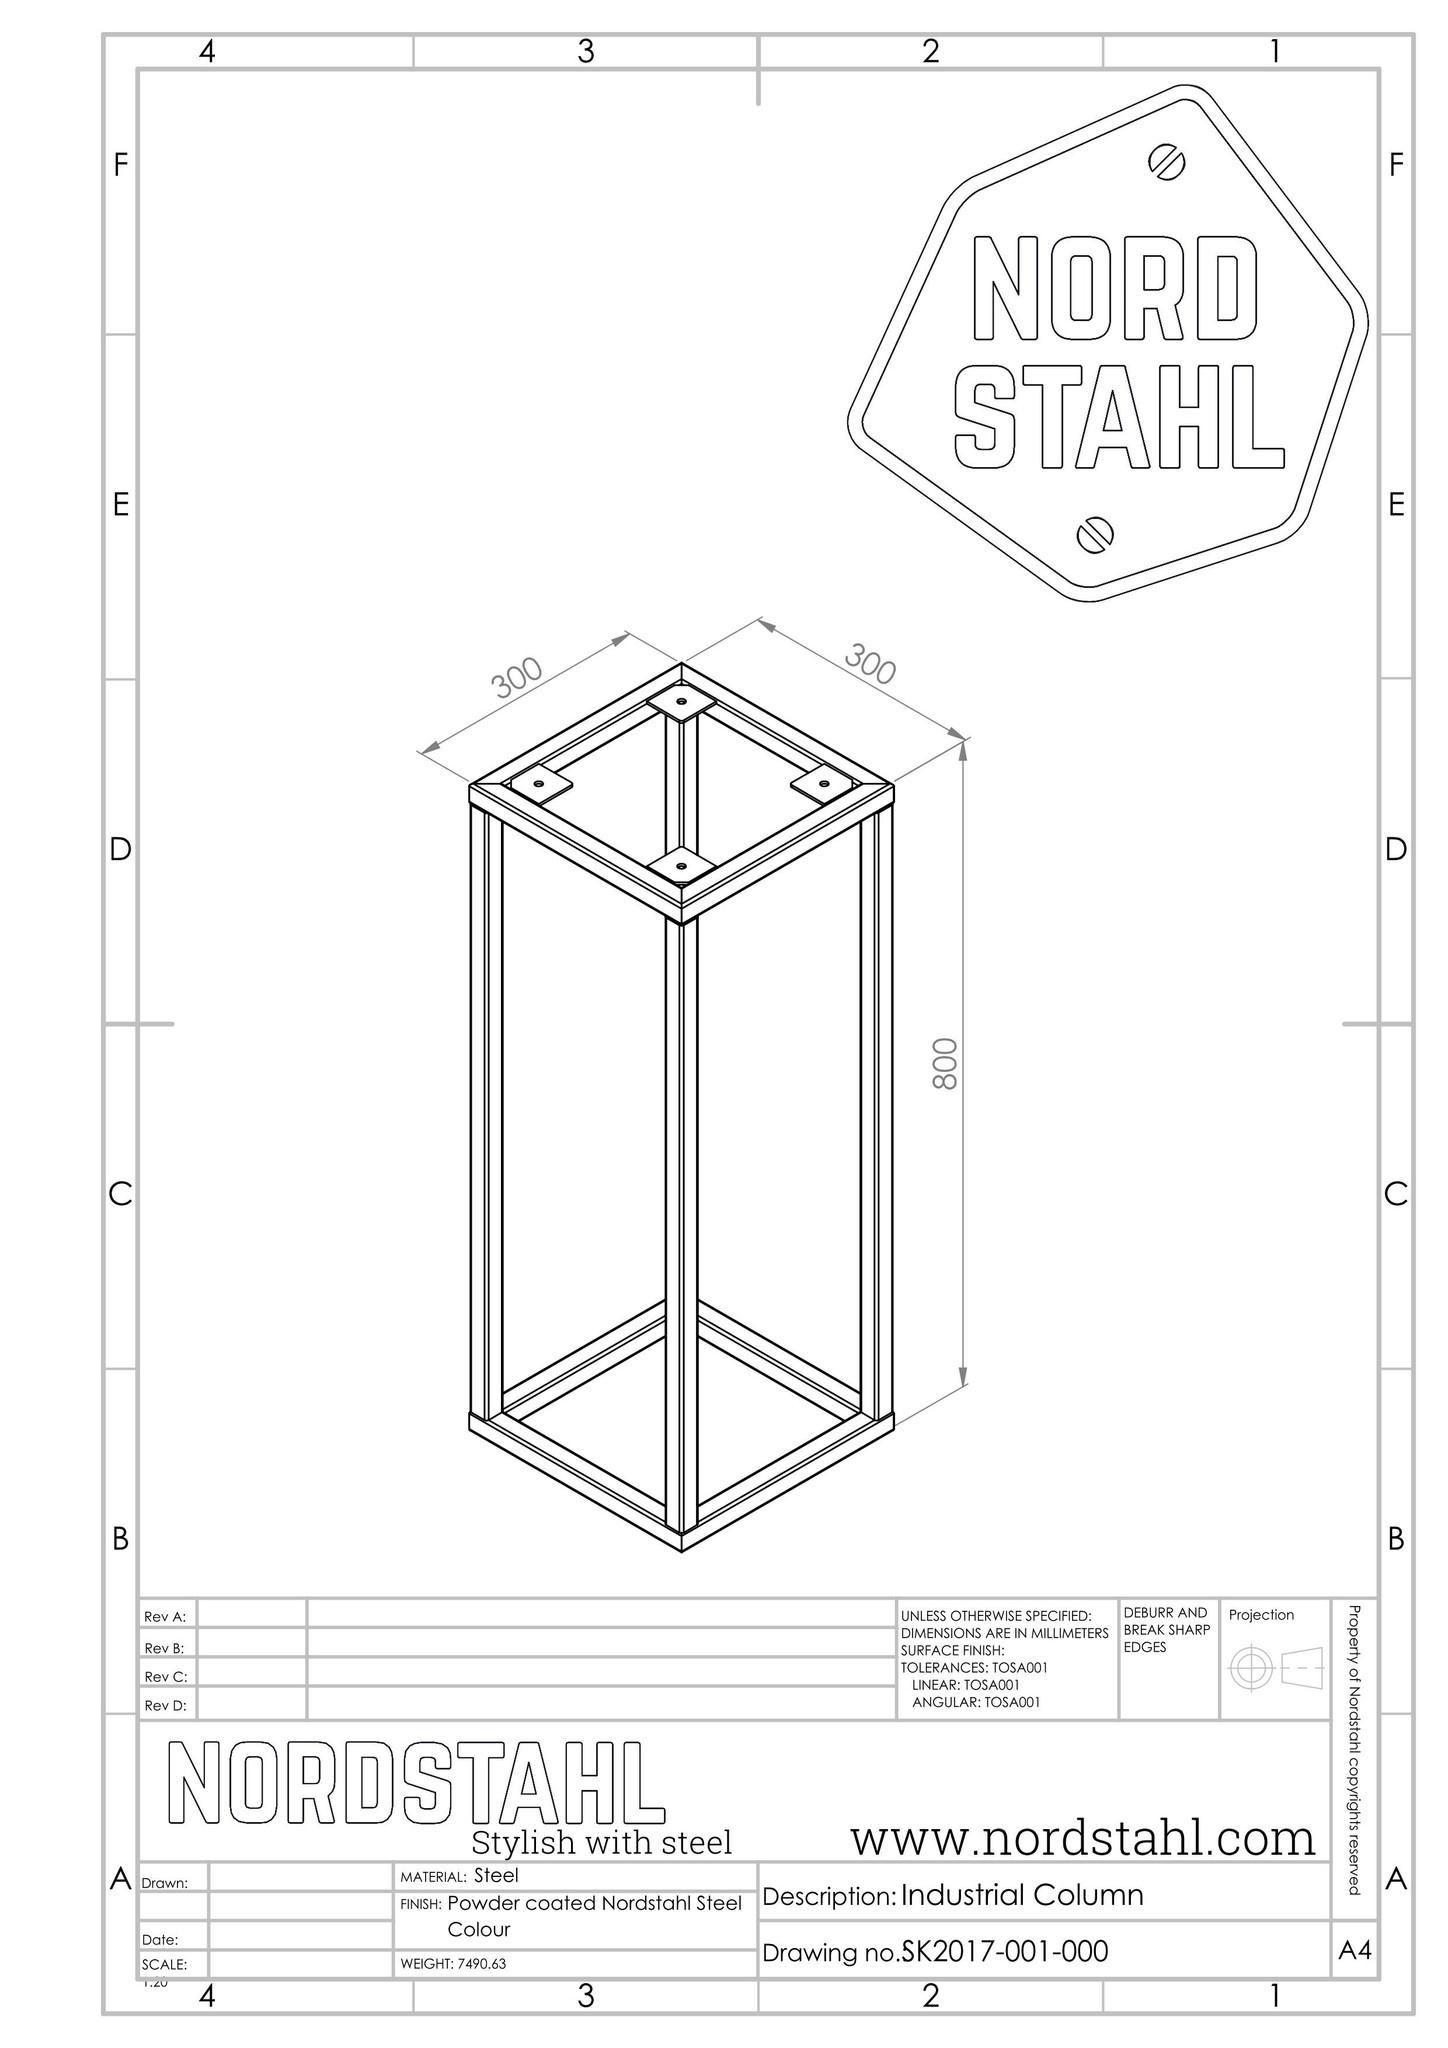 Nordstahl industrial column technische tekening